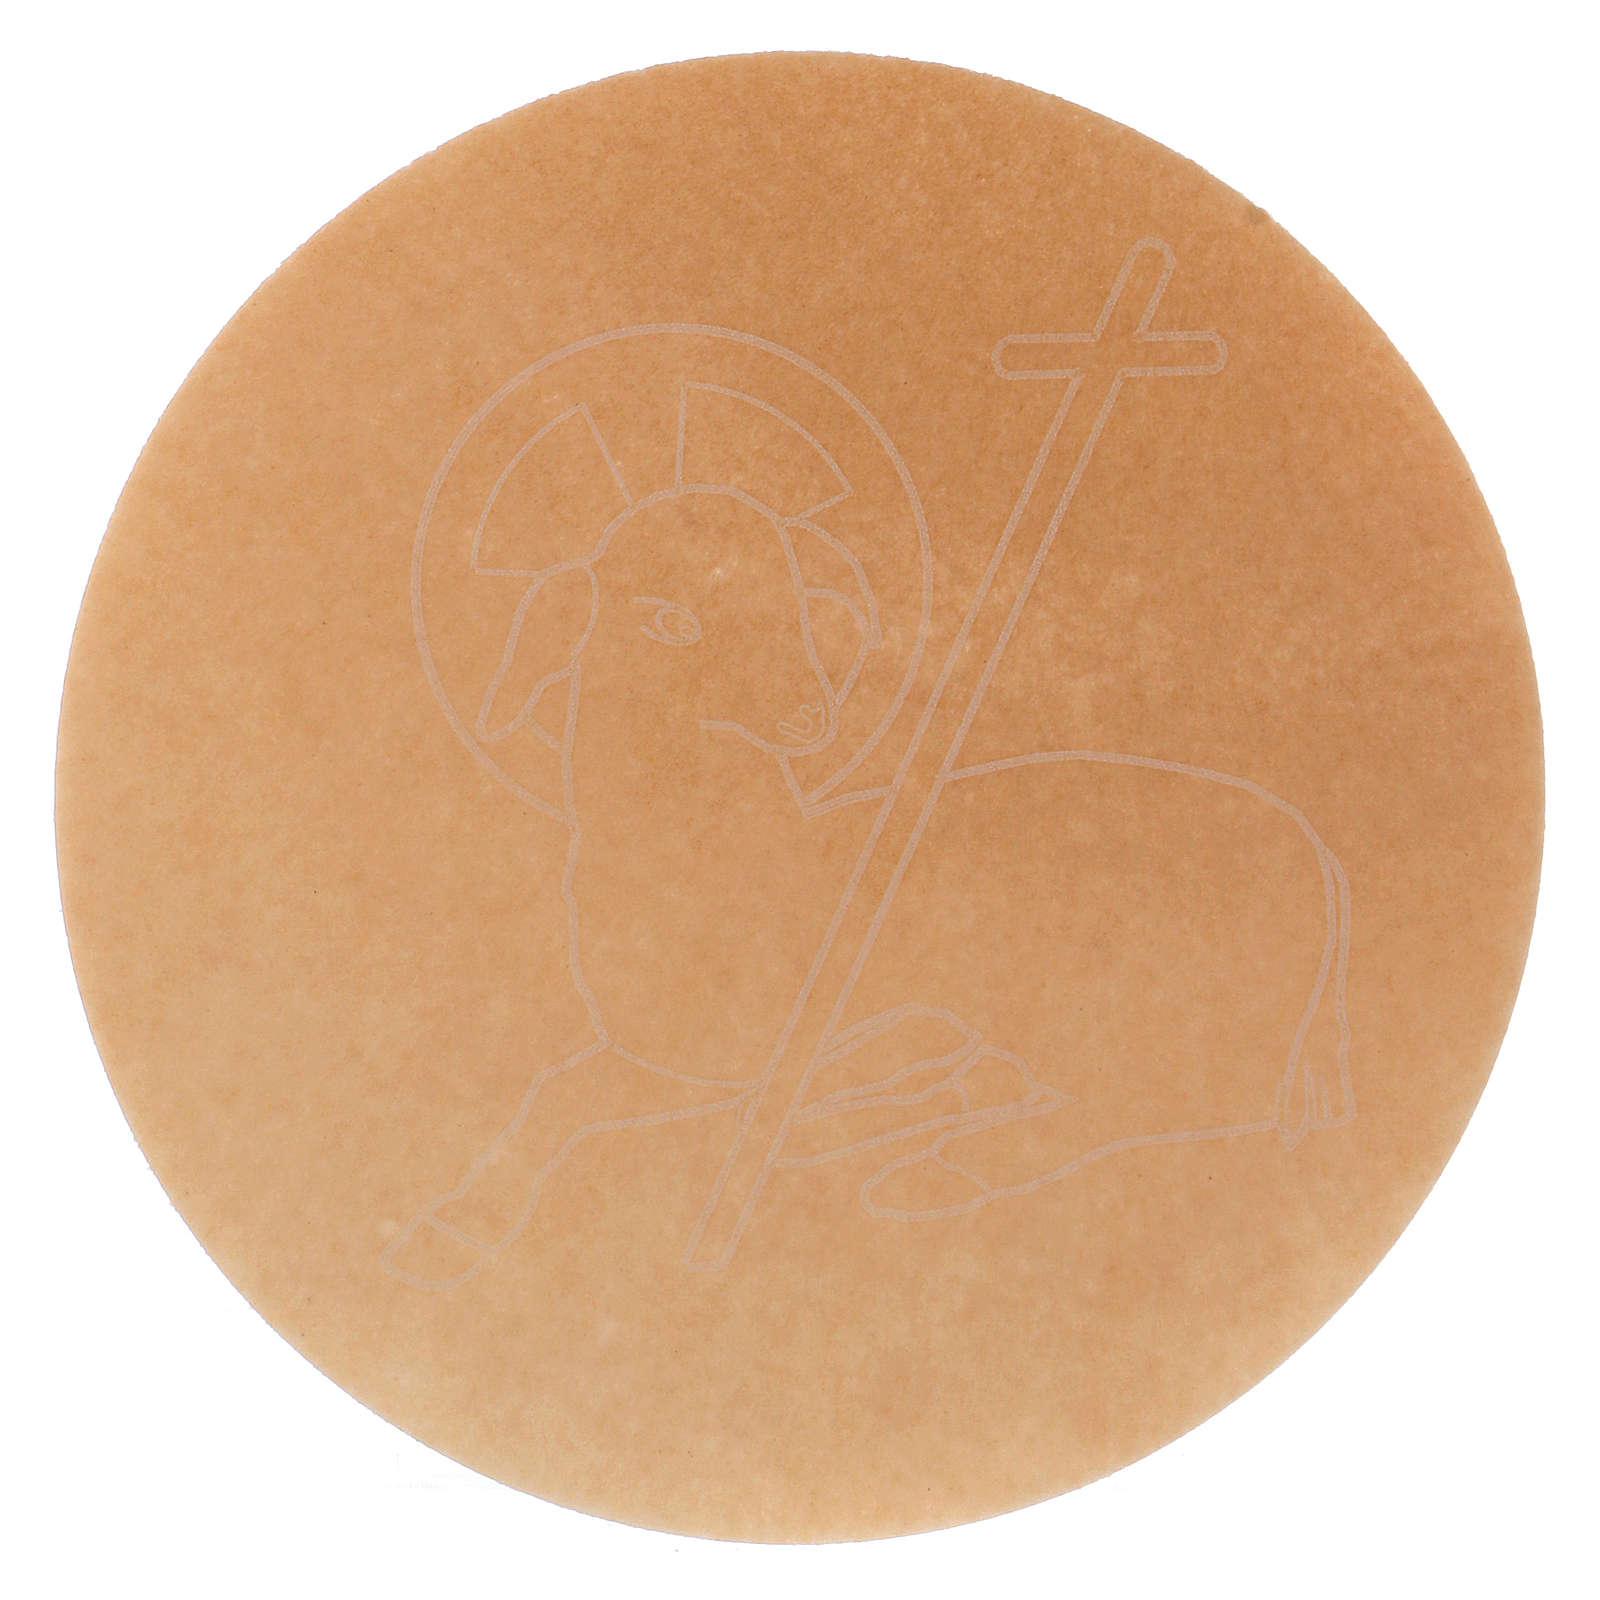 Formas pan concelebración 5 piezas, diámetro 16 cm. 3